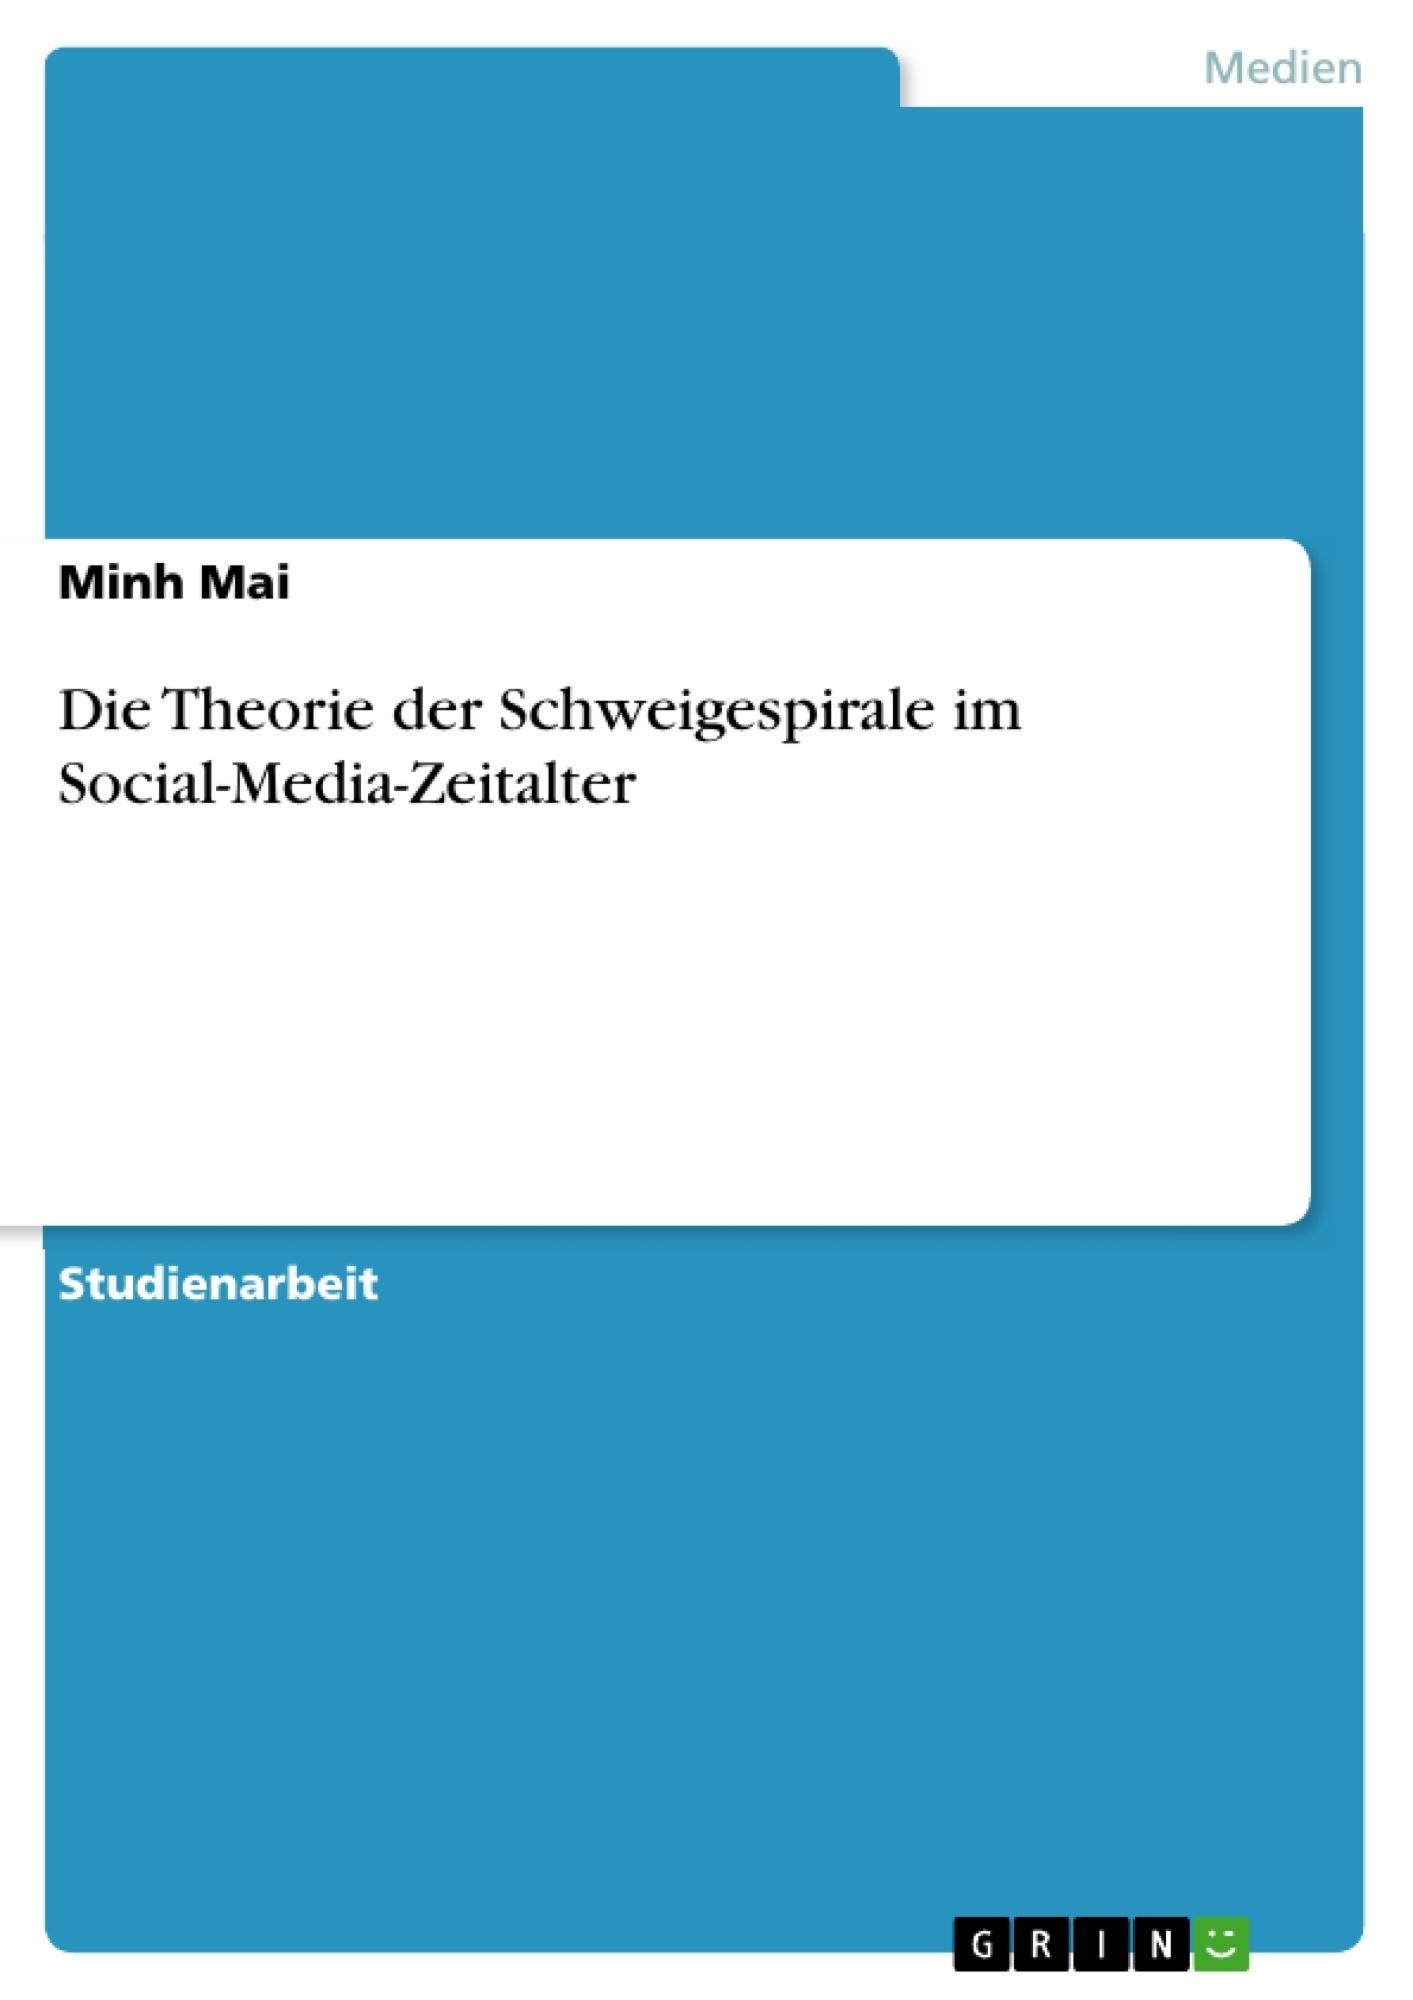 Titel: Die Theorie der Schweigespirale im Social-Media-Zeitalter